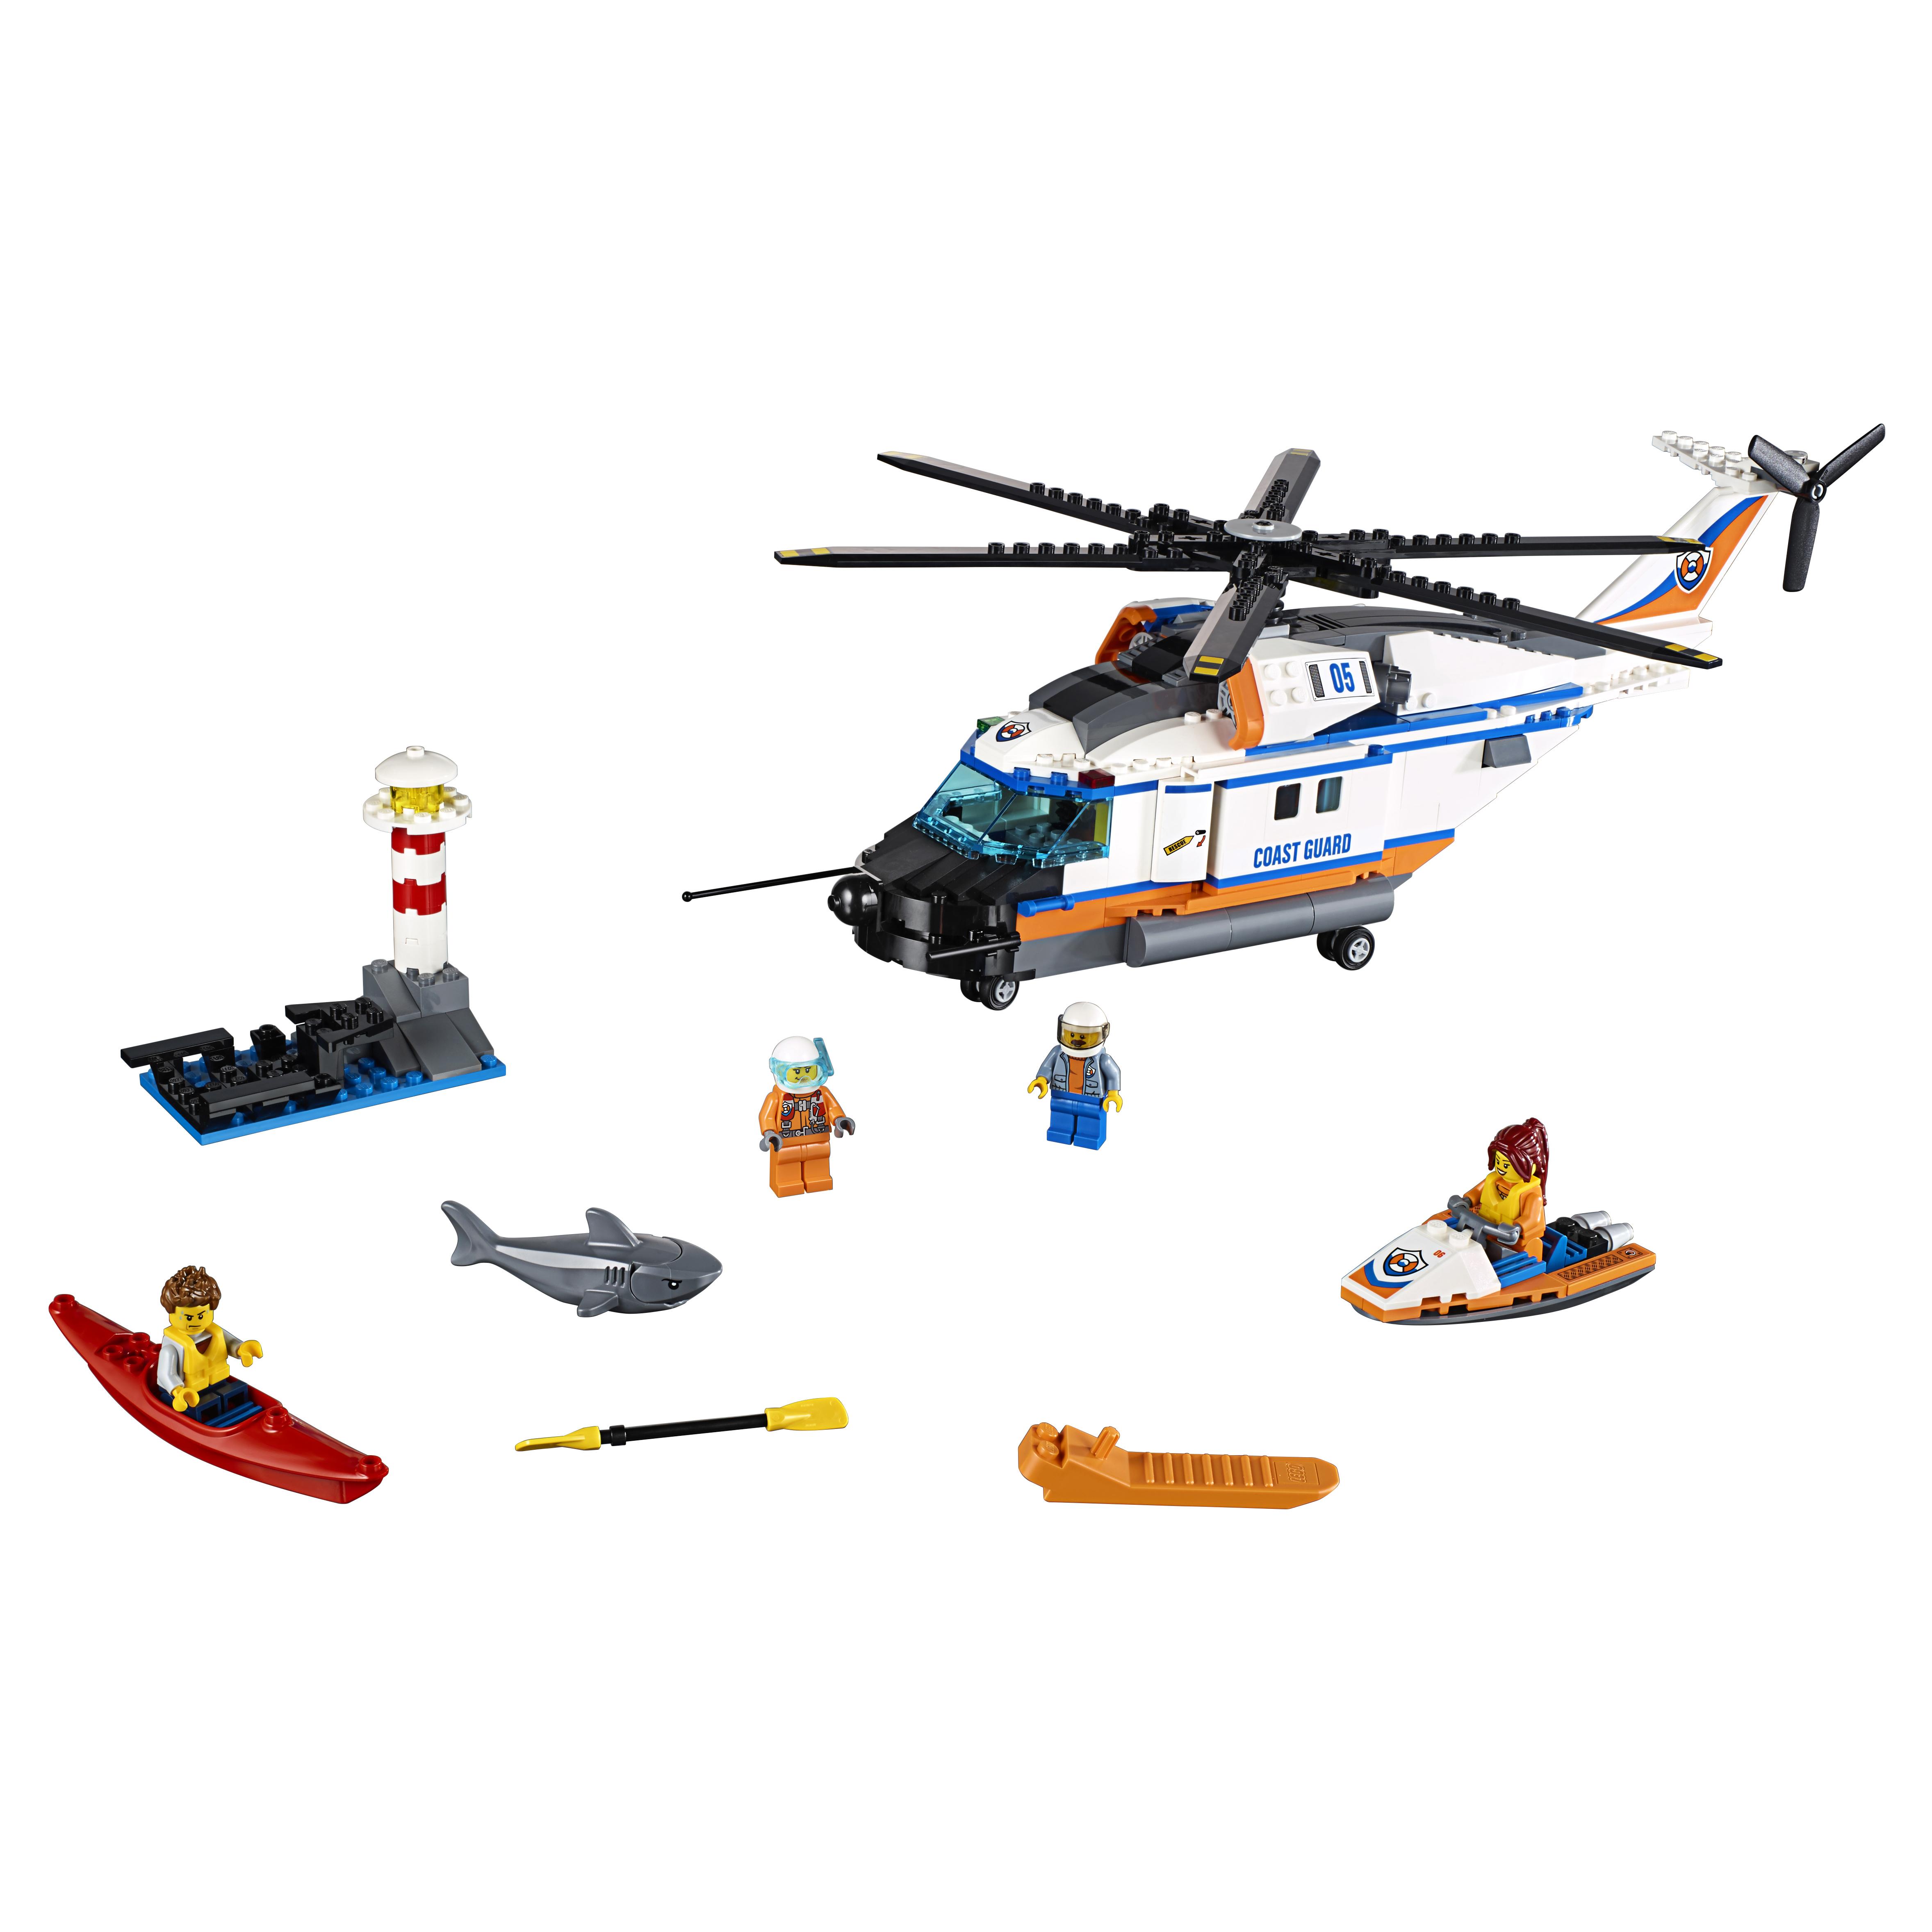 Купить Конструктор lego city coast guard сверхмощный спасательный вертолёт 60166, Конструктор LEGO City Coast Guard Сверхмощный спасательный вертолёт (60166)